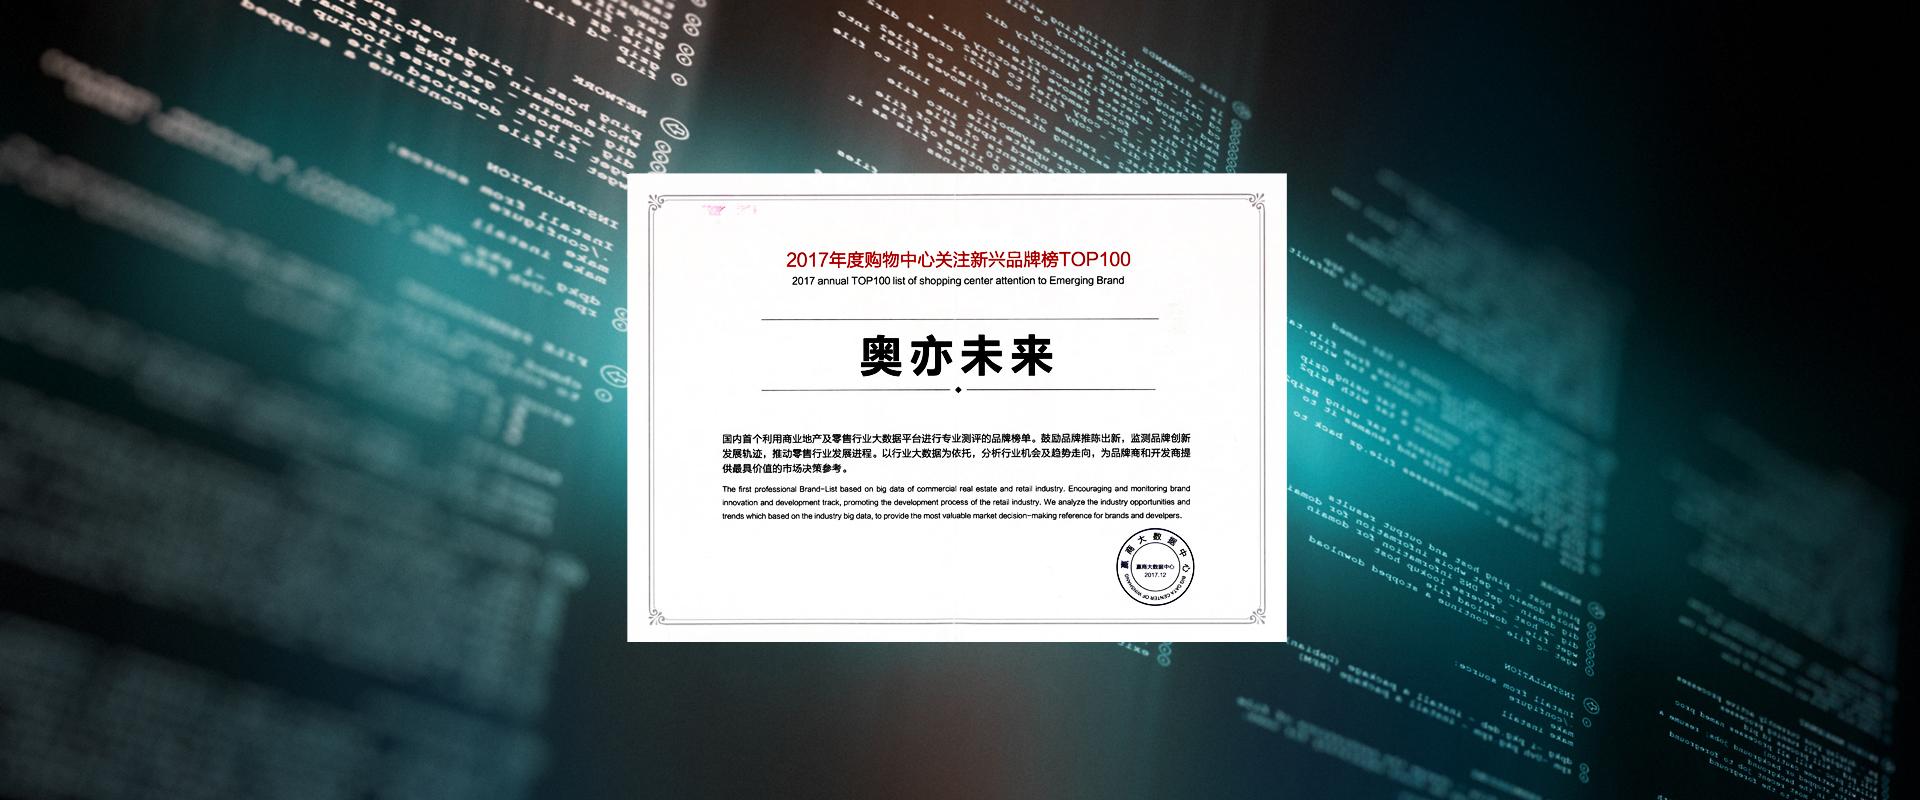 奥亦未来入选2017年度购物中心关注新兴品牌榜TOP100!